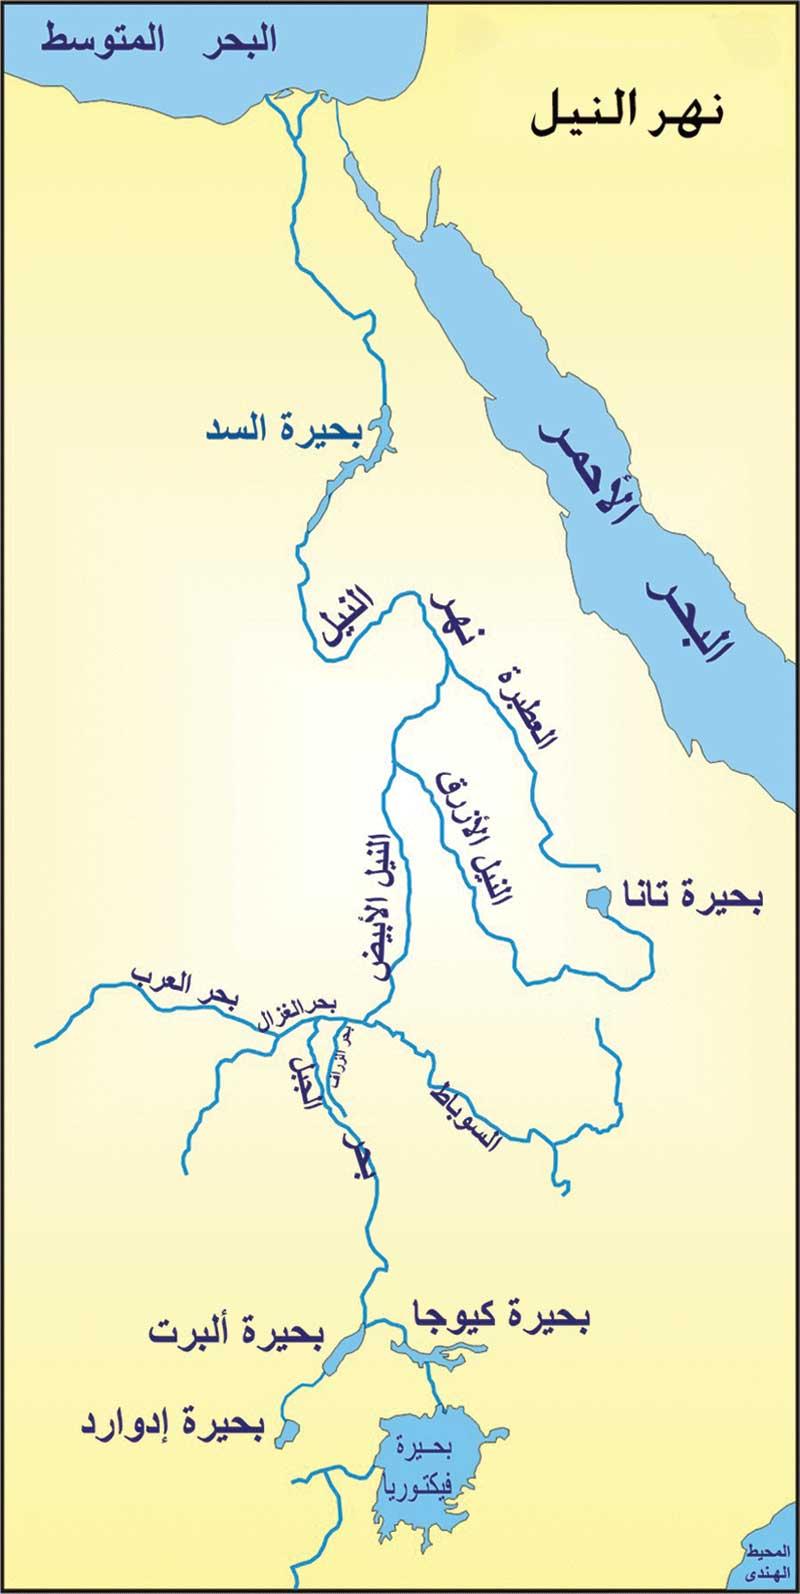 نشأه نهر النيل